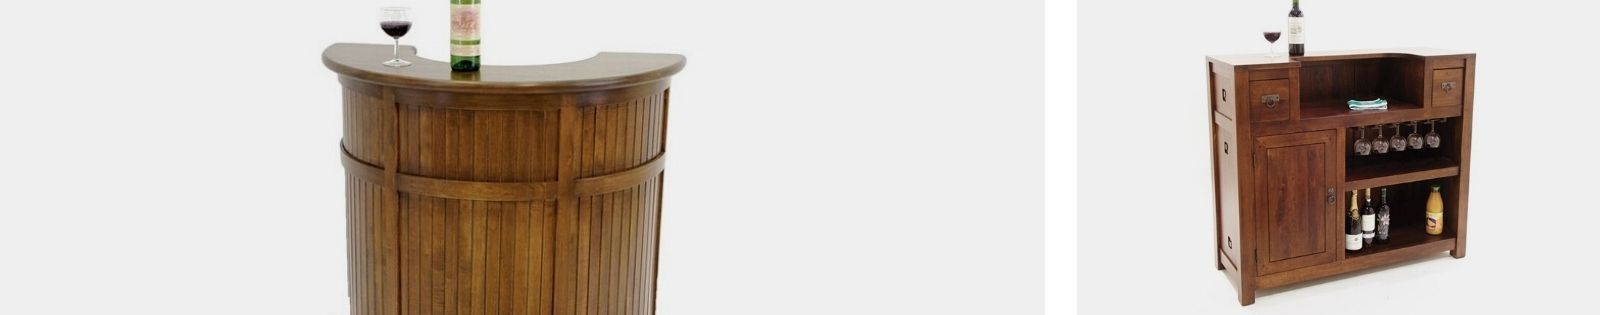 Bar en bois massif : meubles de très bonne qualité. Lotuséa.